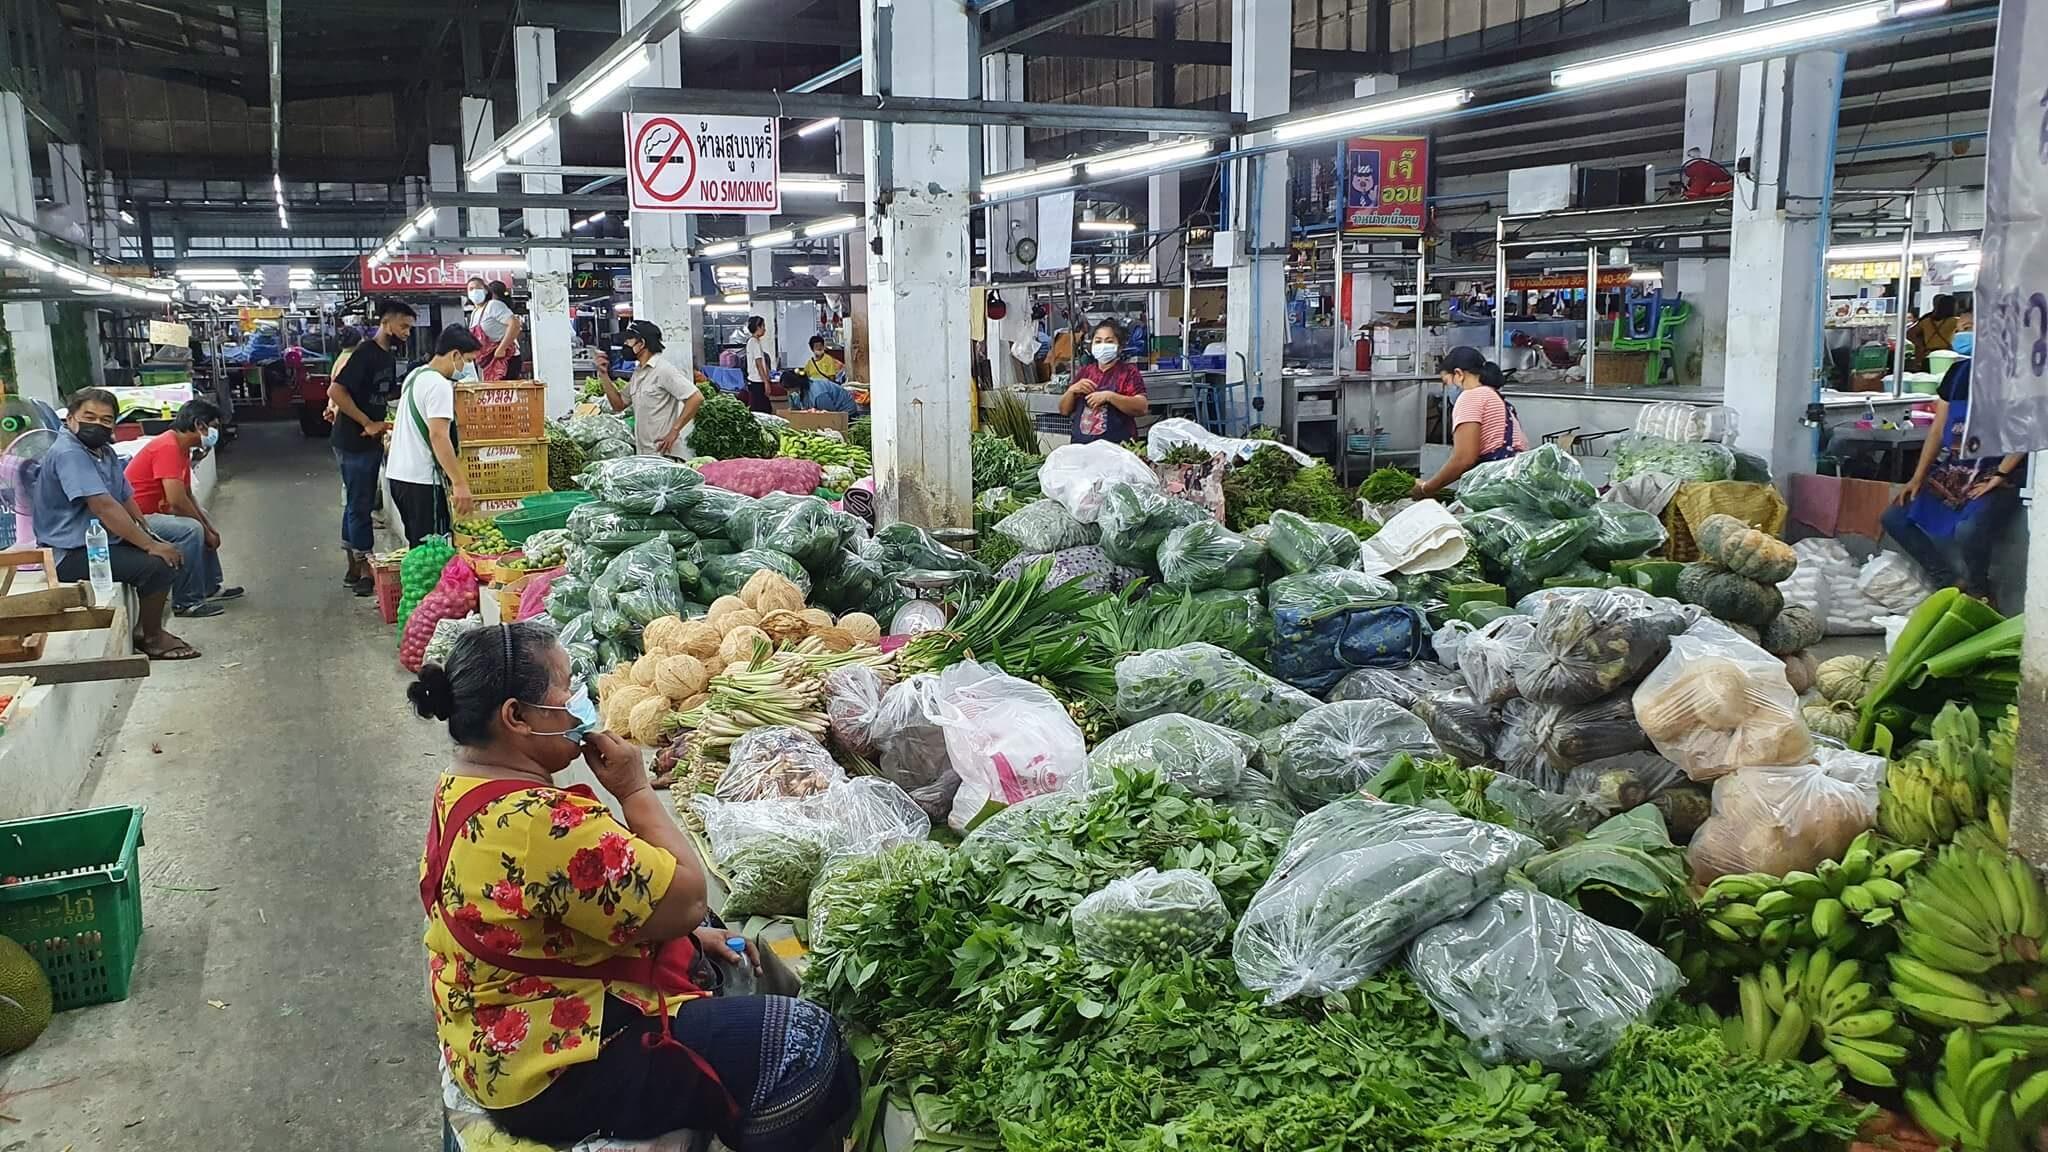 ตลาดสิริเศรษฐนนท์ (แสงฟ้าเก่า) ตลาดบางแค